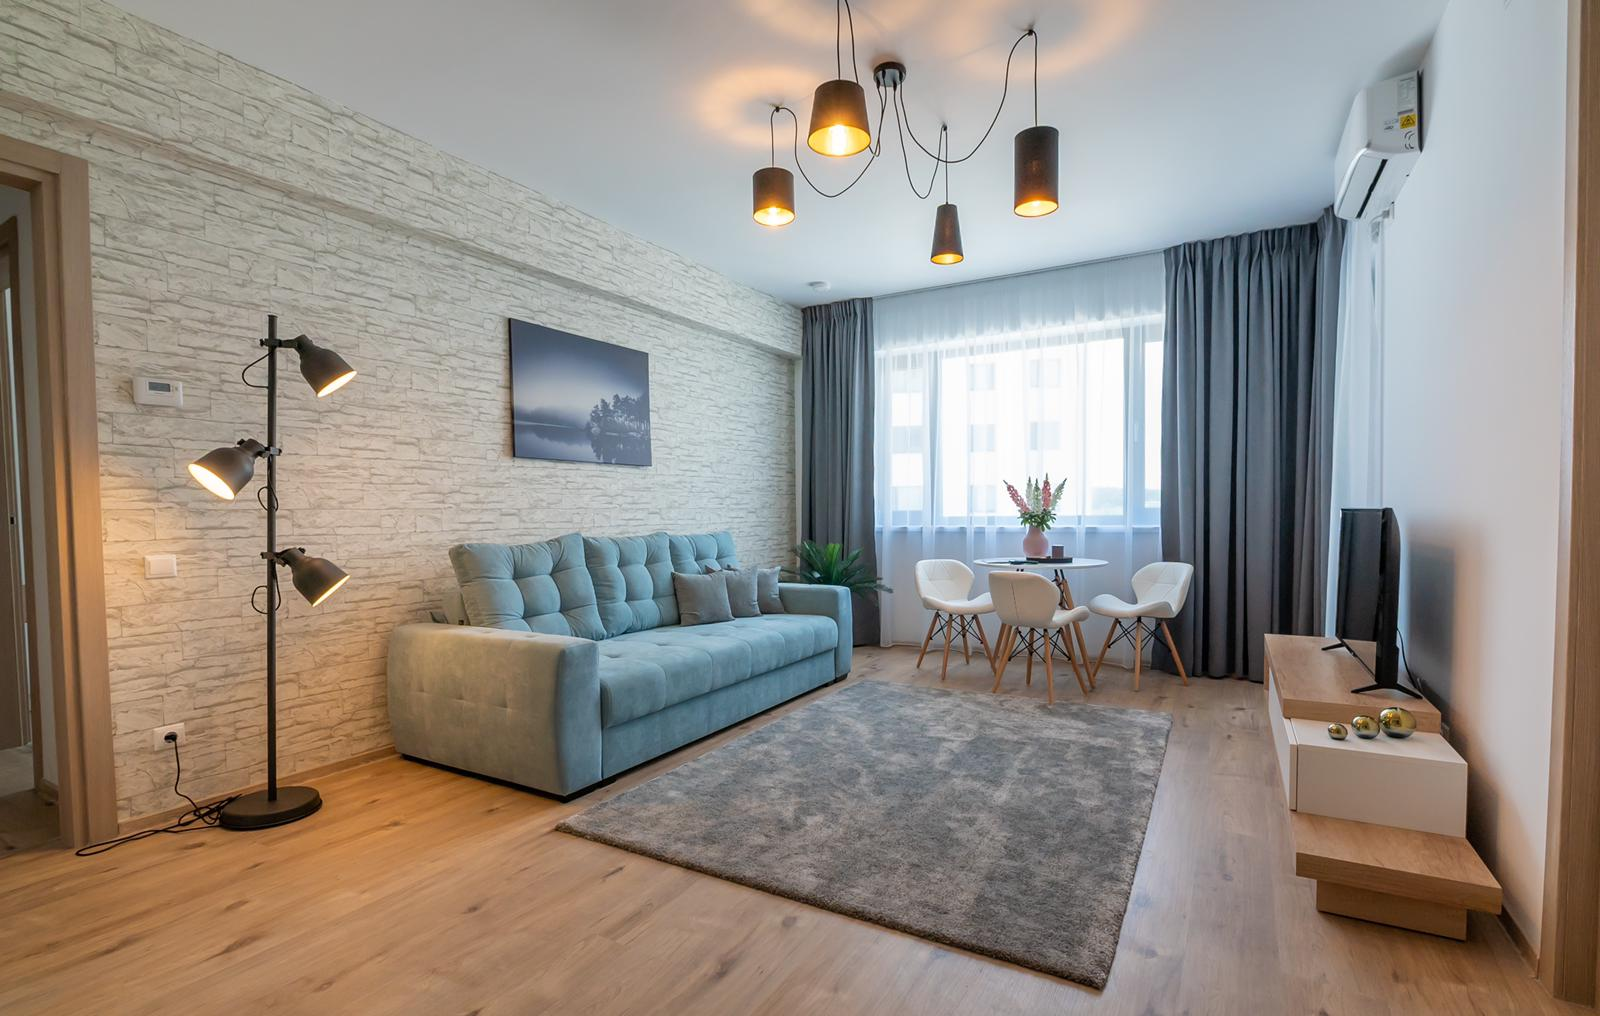 apartament   3 camere   baneasa   LUX   NOU